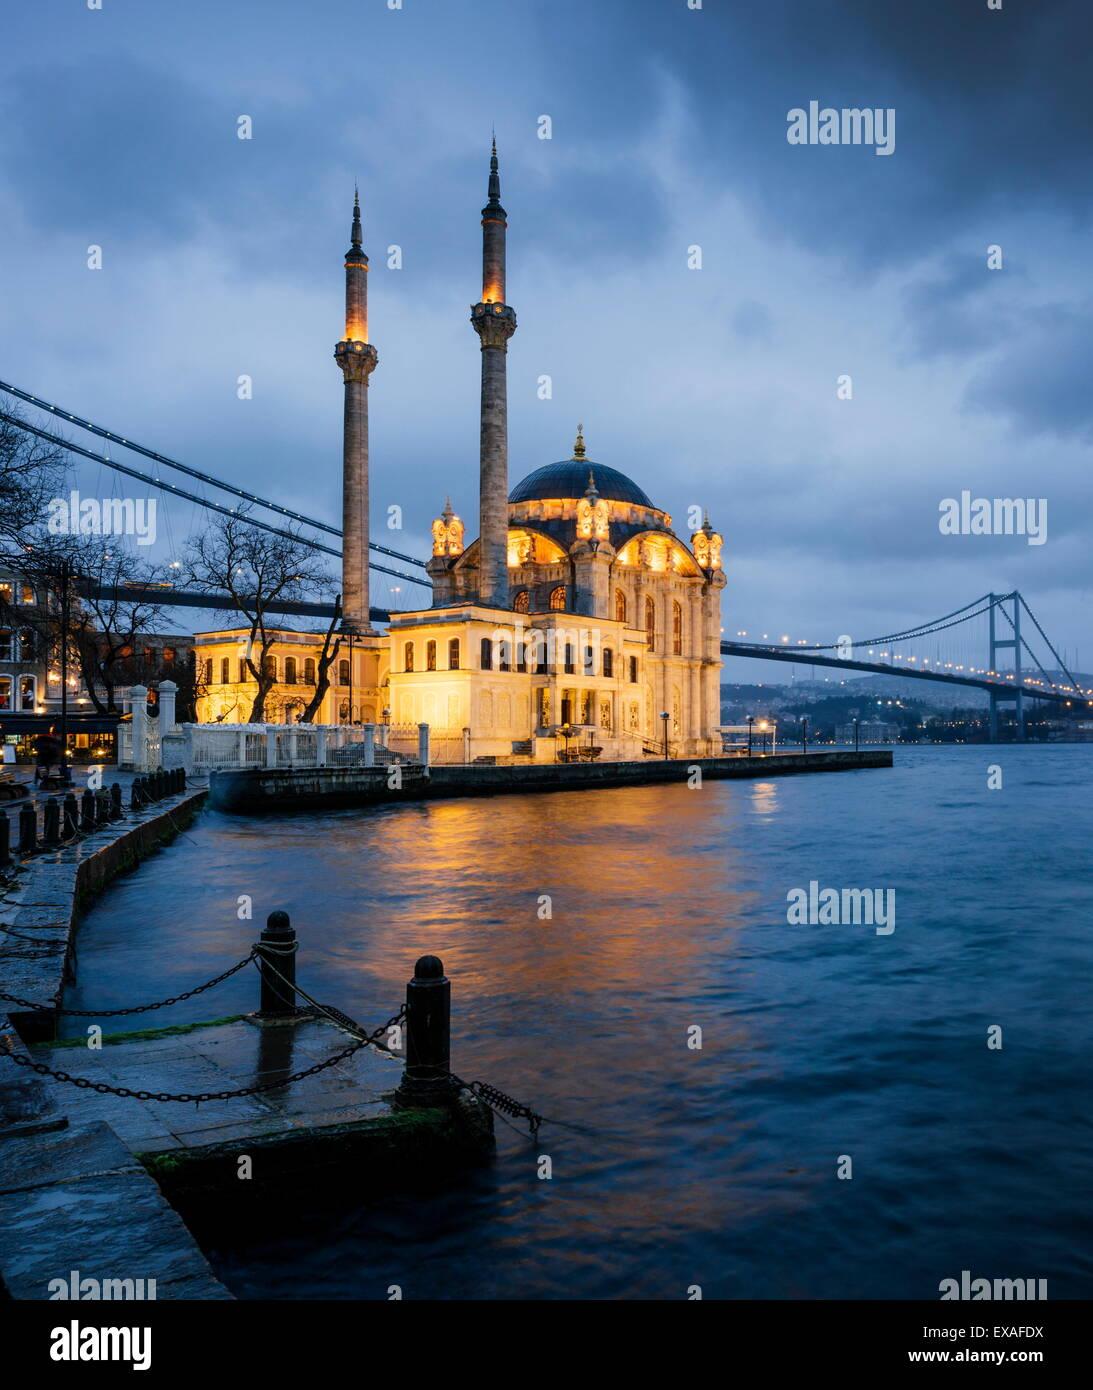 Exterior de la mezquita de Ortakoy y puente del Bósforo en la noche, Ortakoy, Estambul, Turquía, Europa Imagen De Stock